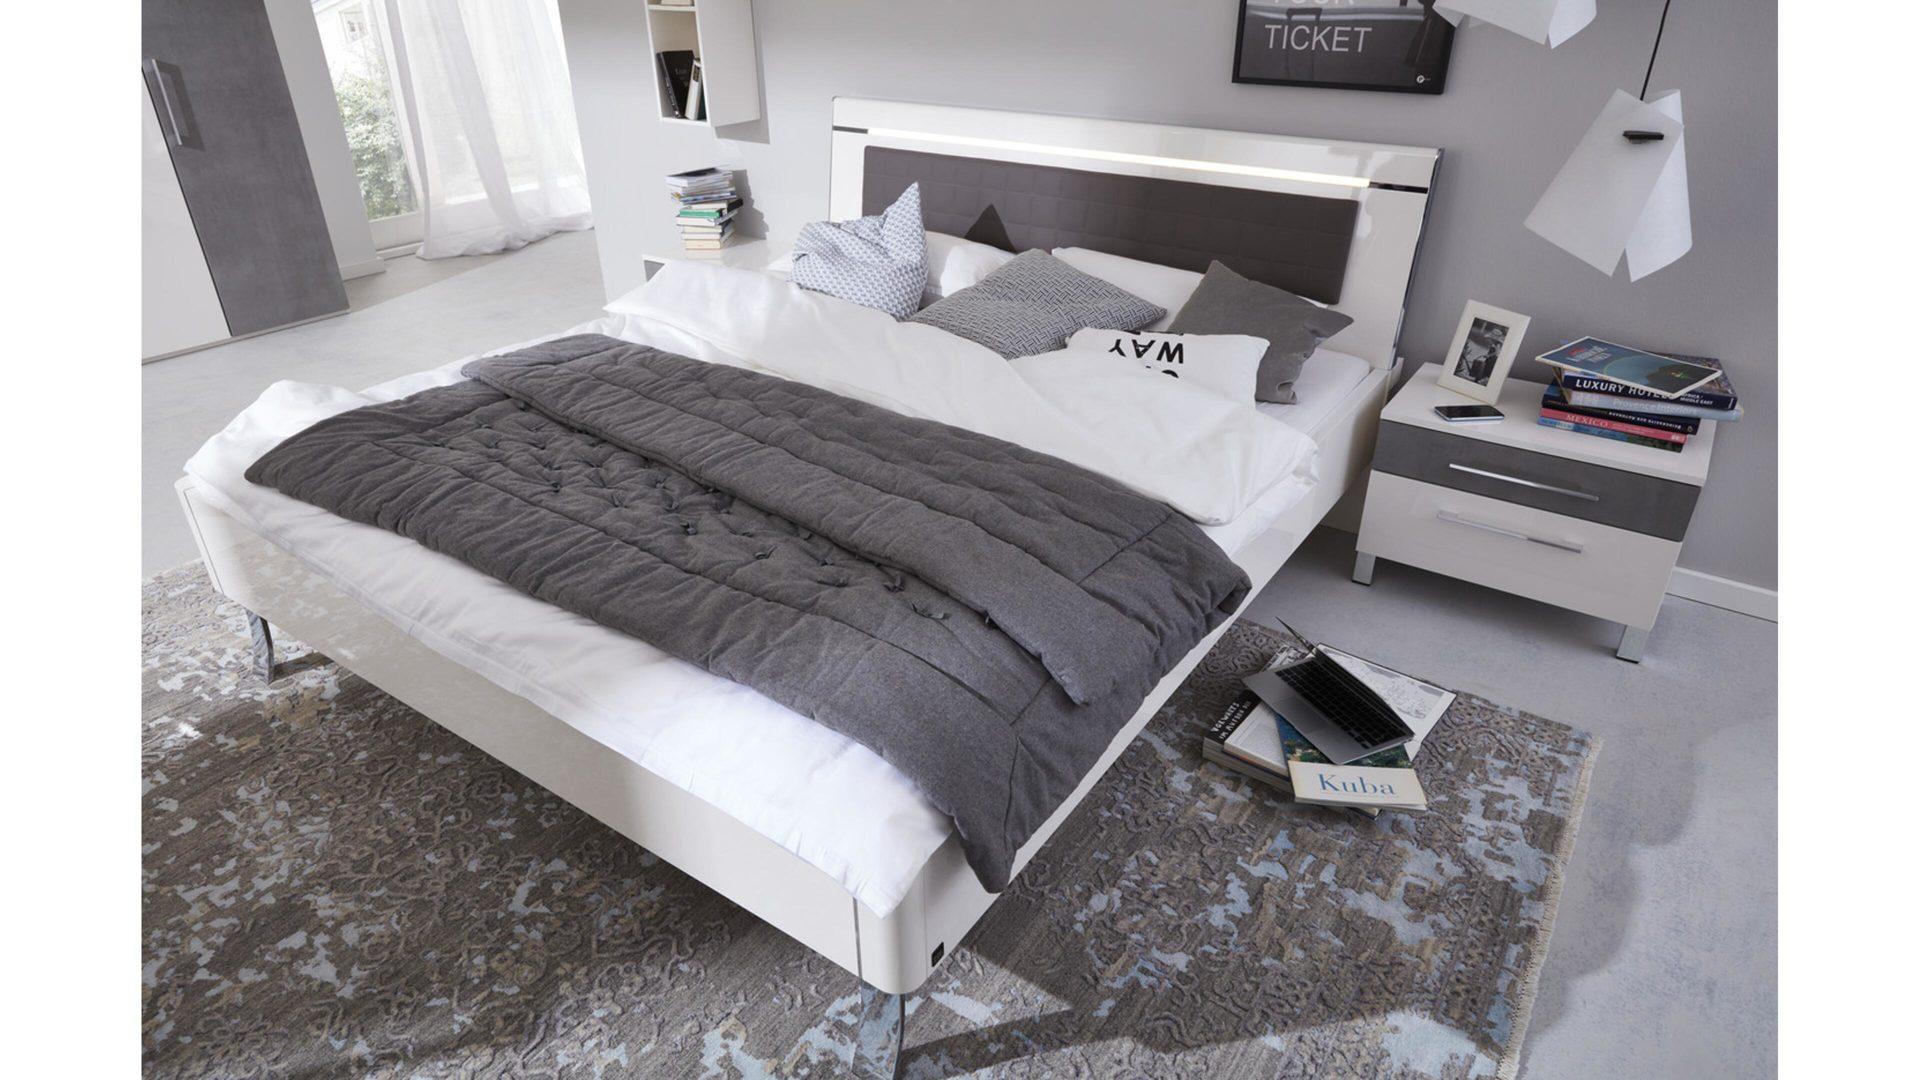 Interliving Schlafzimmer Serie 1003 – Bettgestell, Bianco weiße,